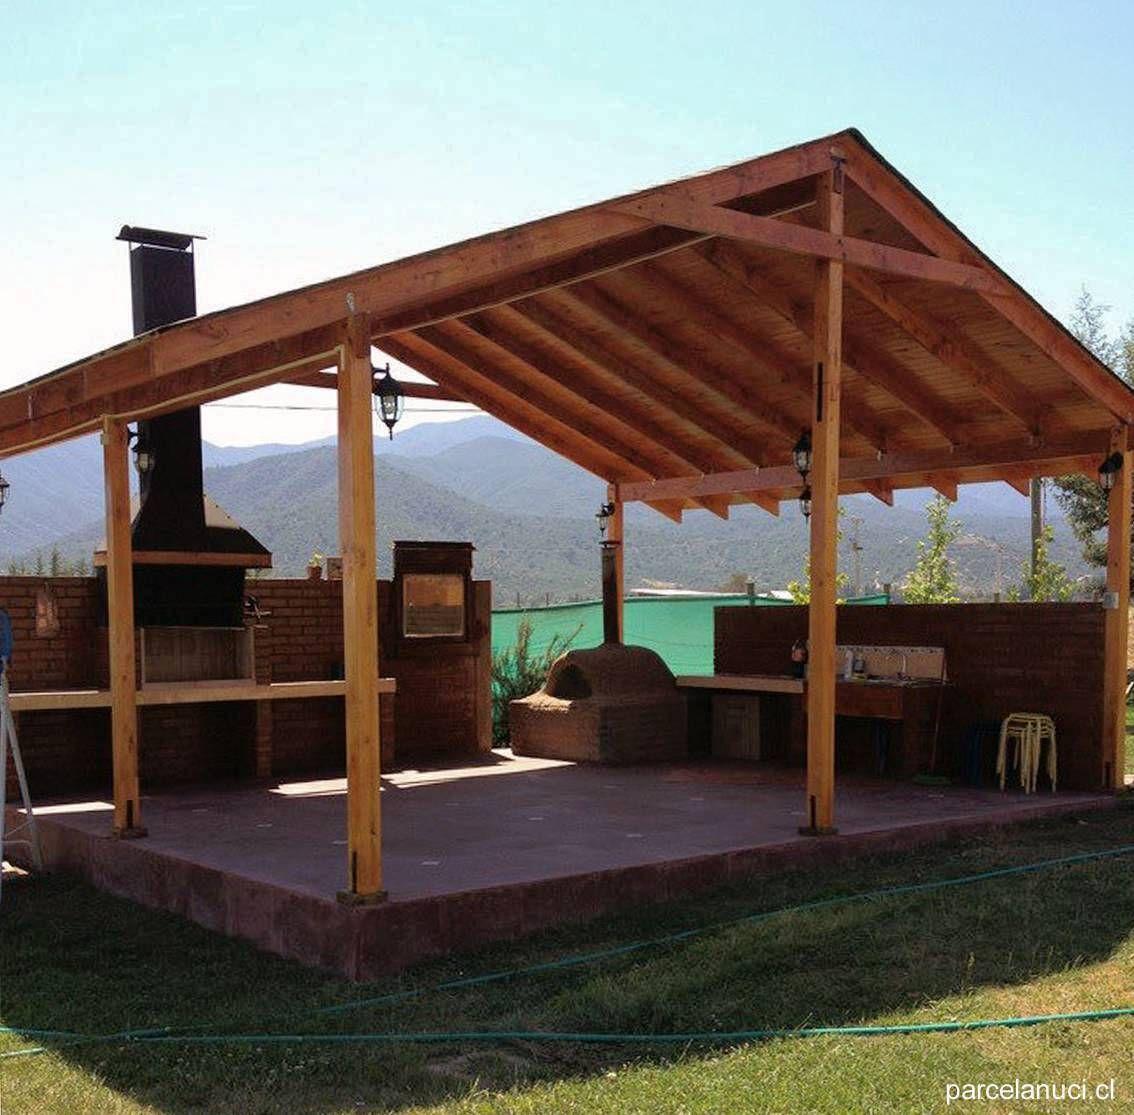 Blog de arquitectura residencial casas familiares y for Como hacer un kiosco de madera